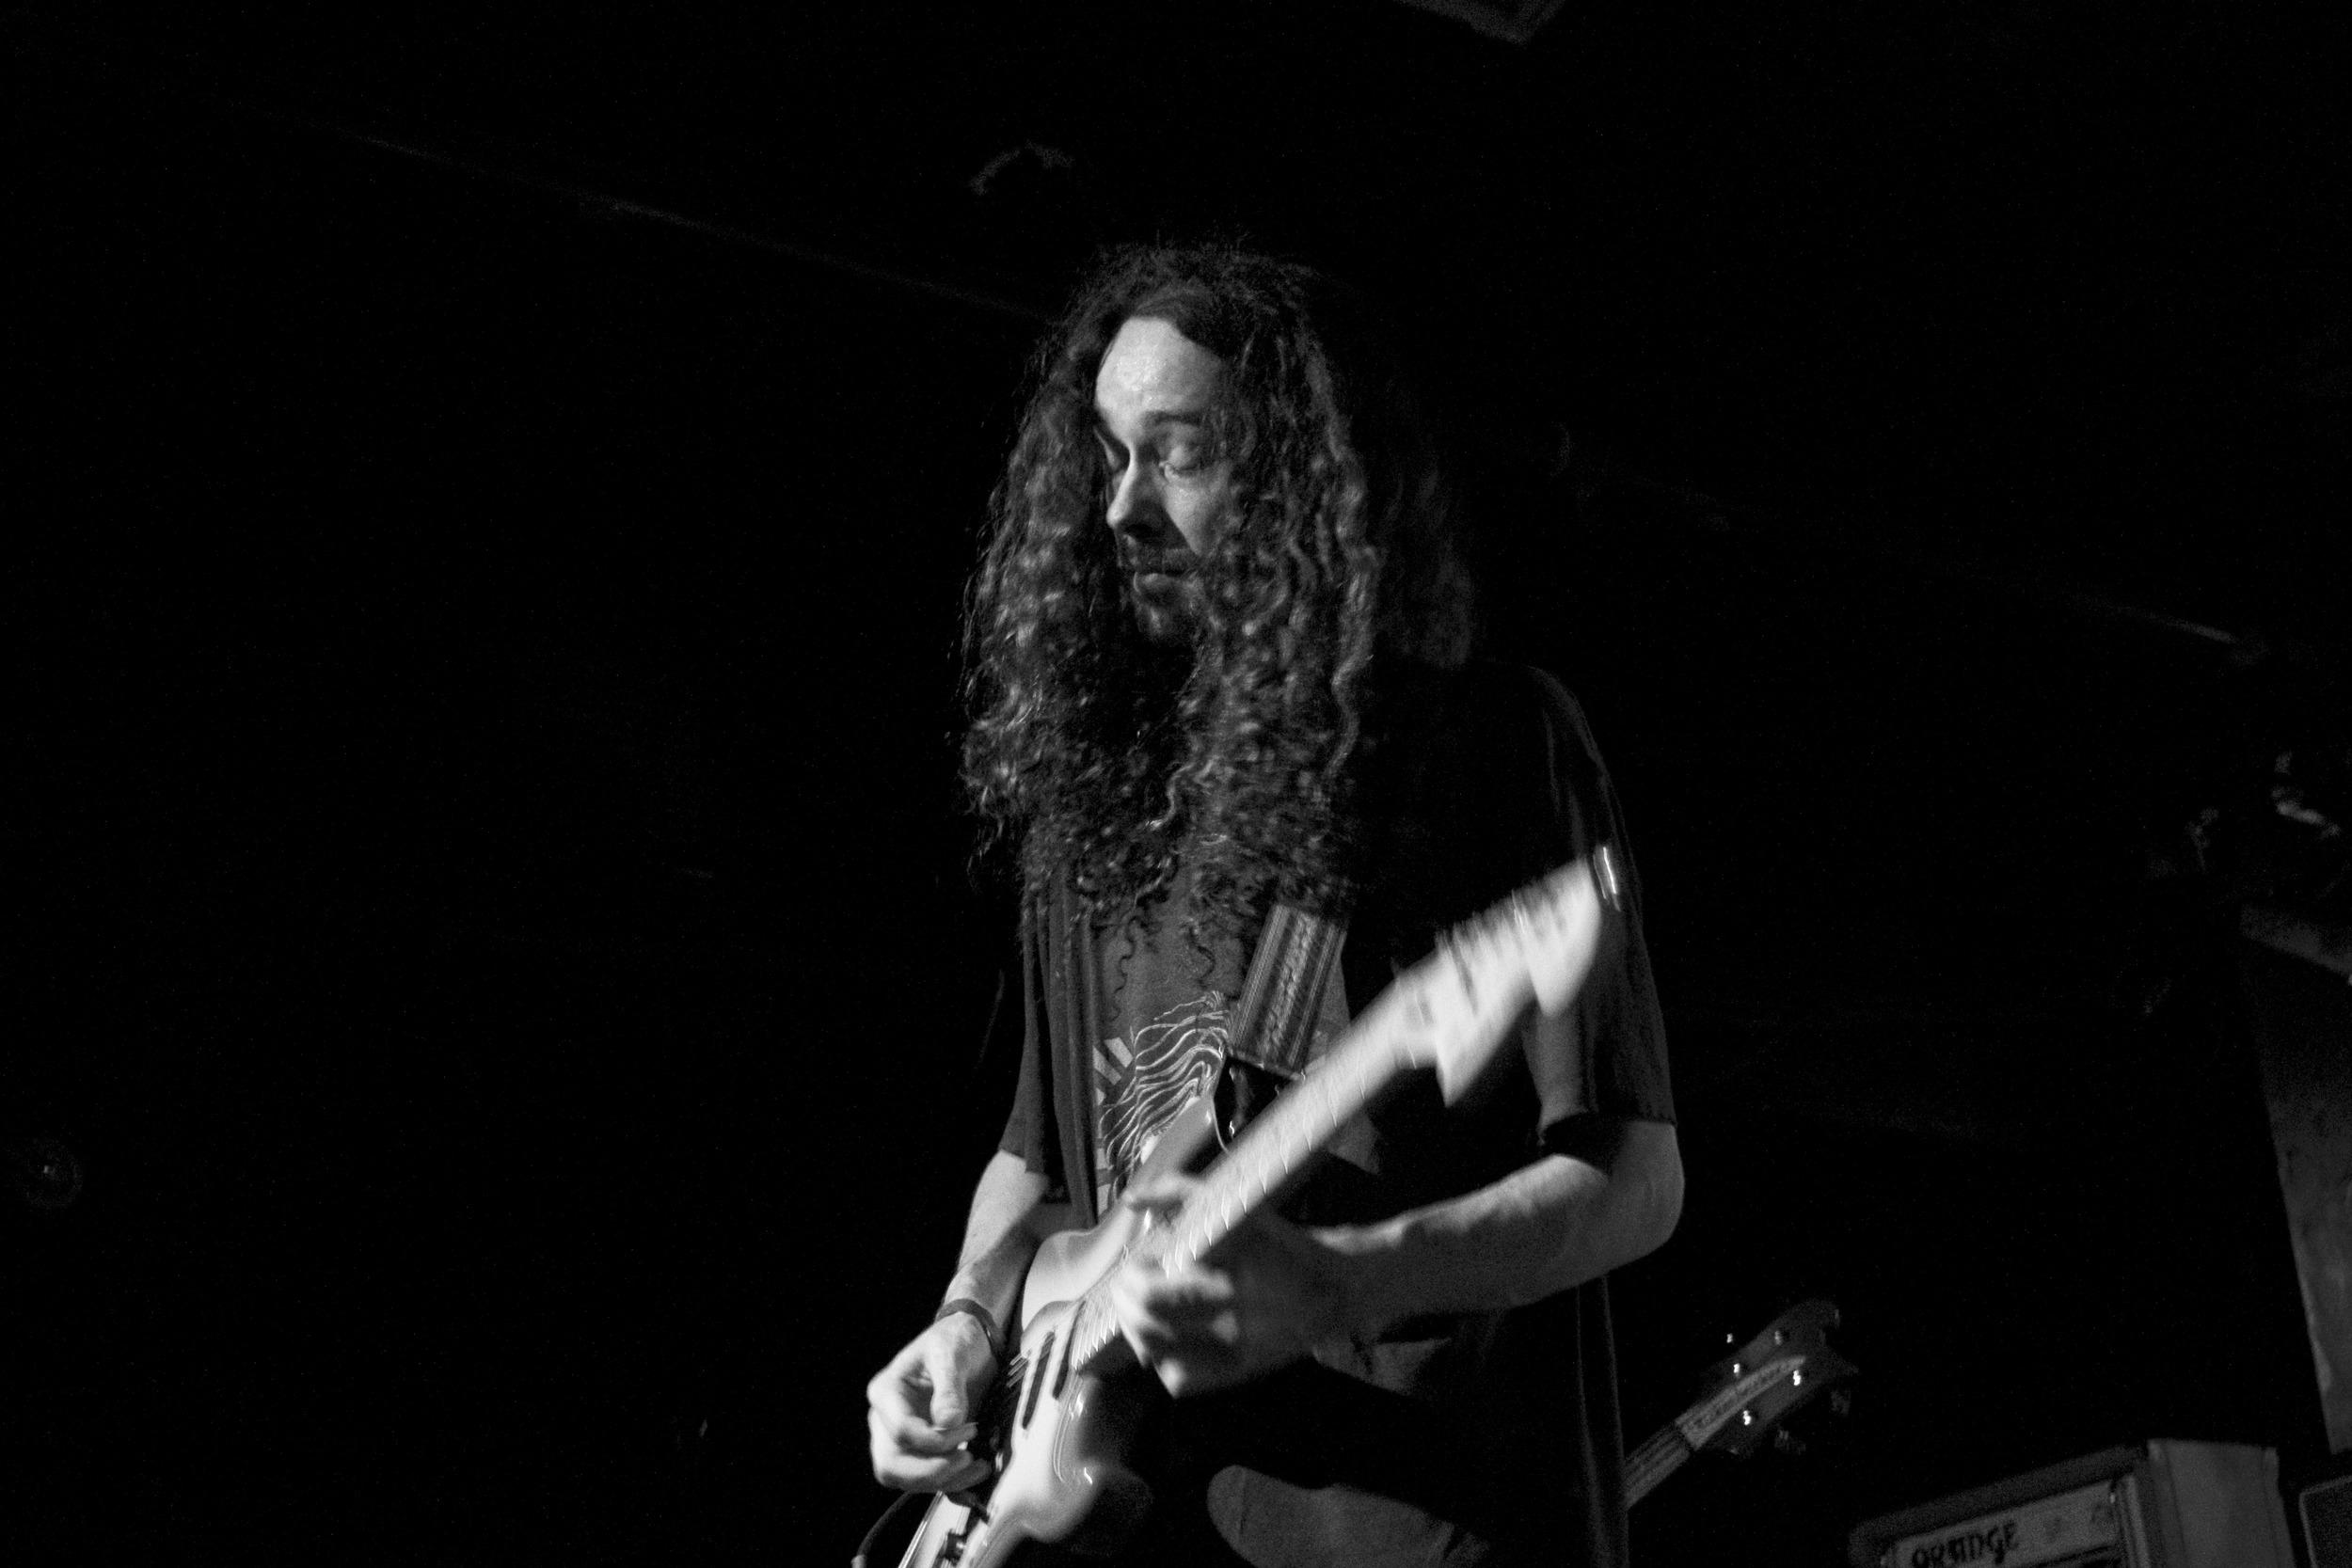 Dylan Donovan of Sacri Monti. Photo: Goodwin